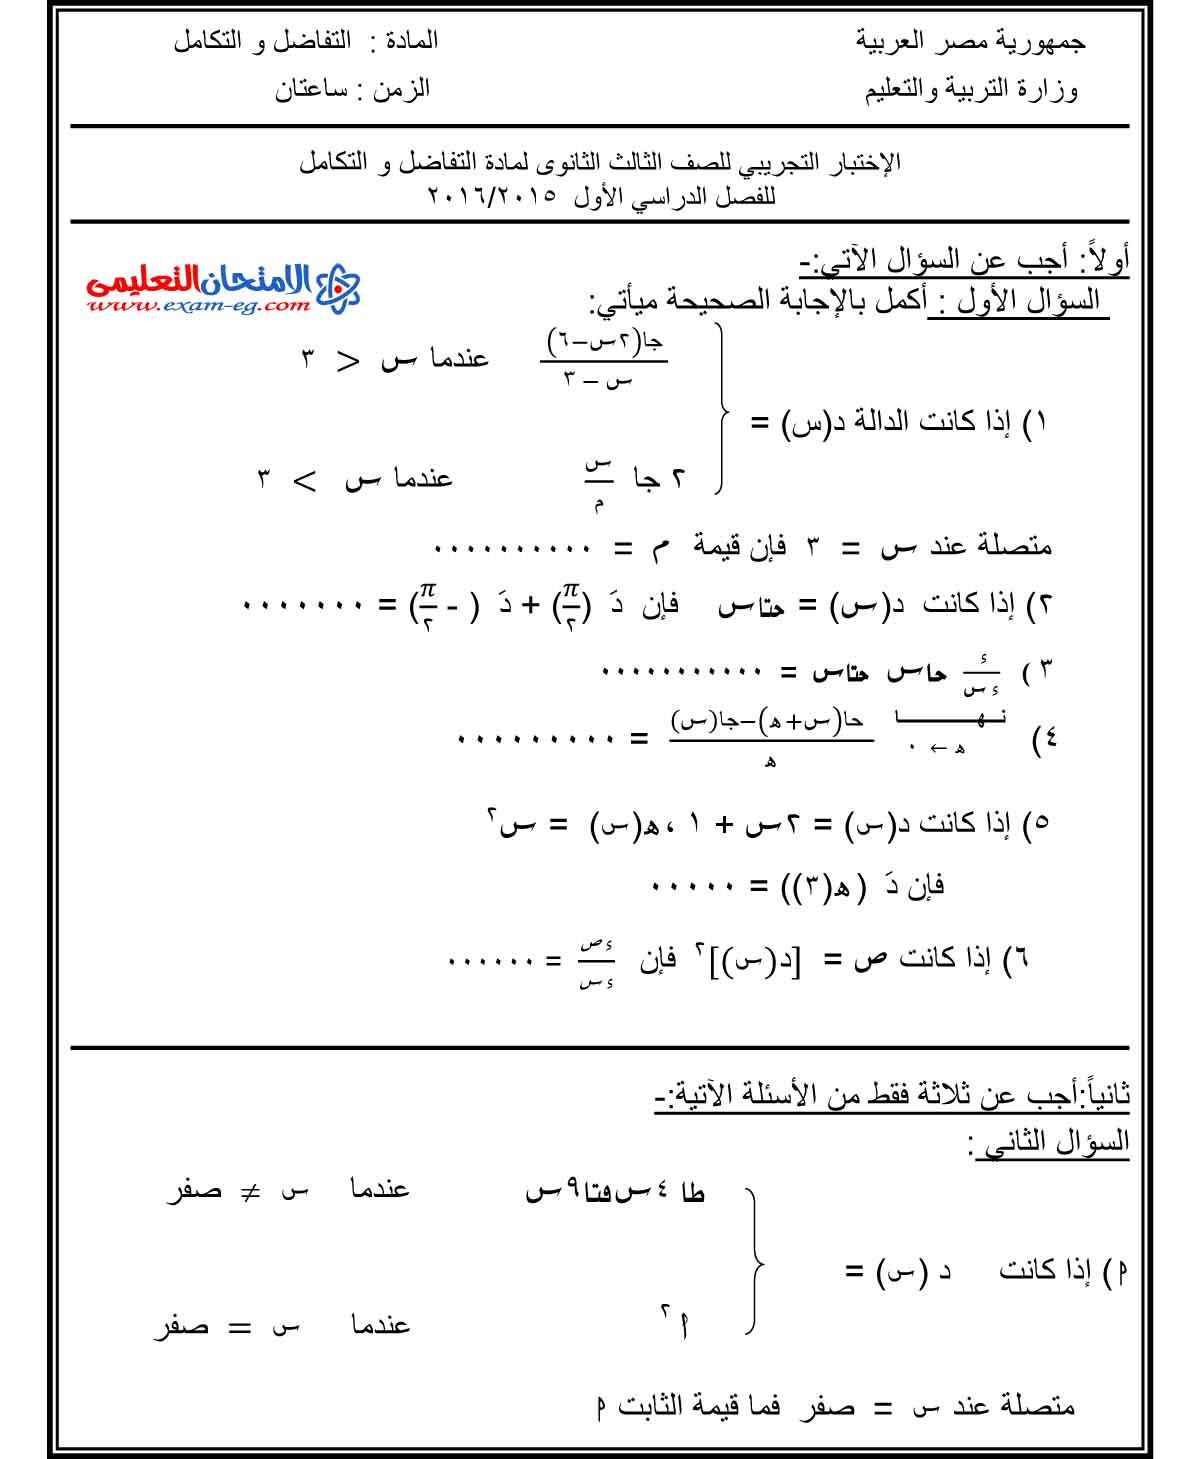 تفاضل وتكامل 2 - الامتحان التعليمى-1